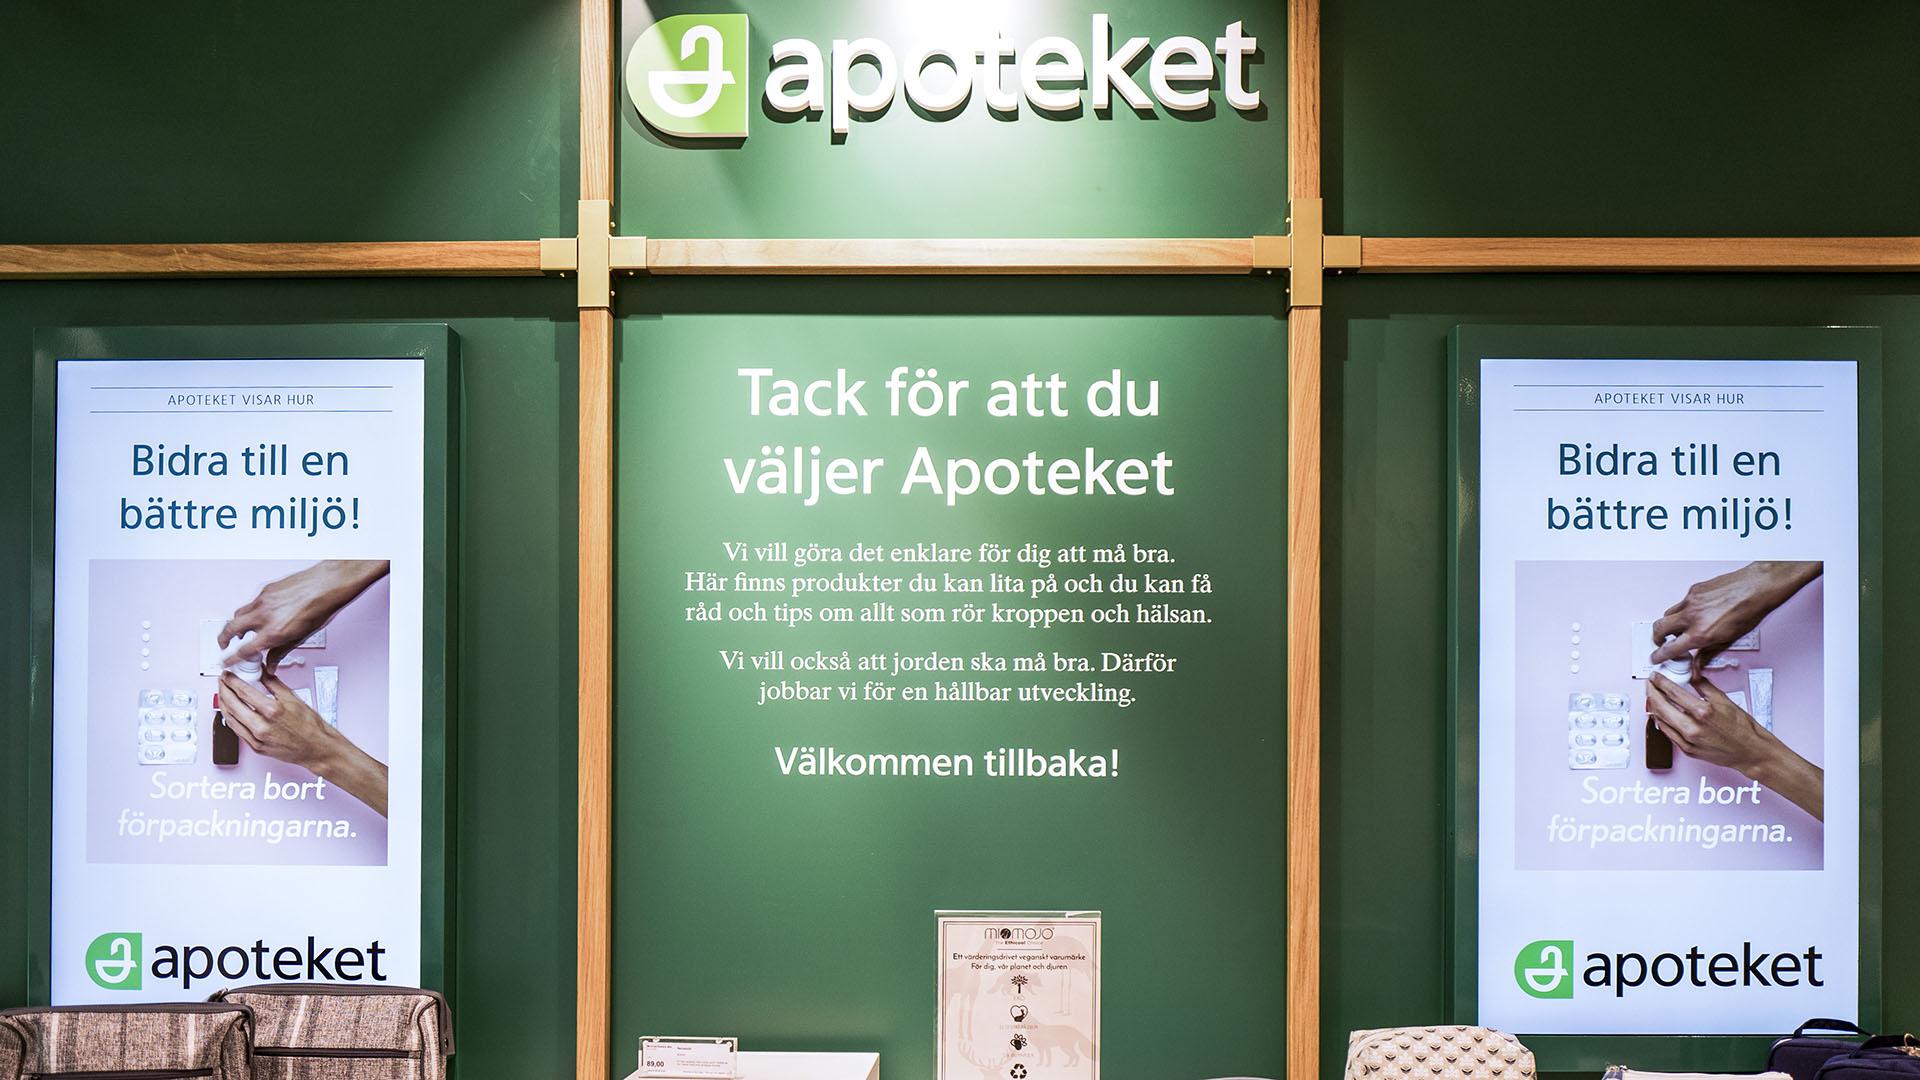 Sveriges största apotekskedja användas EWQ's Digital Signage